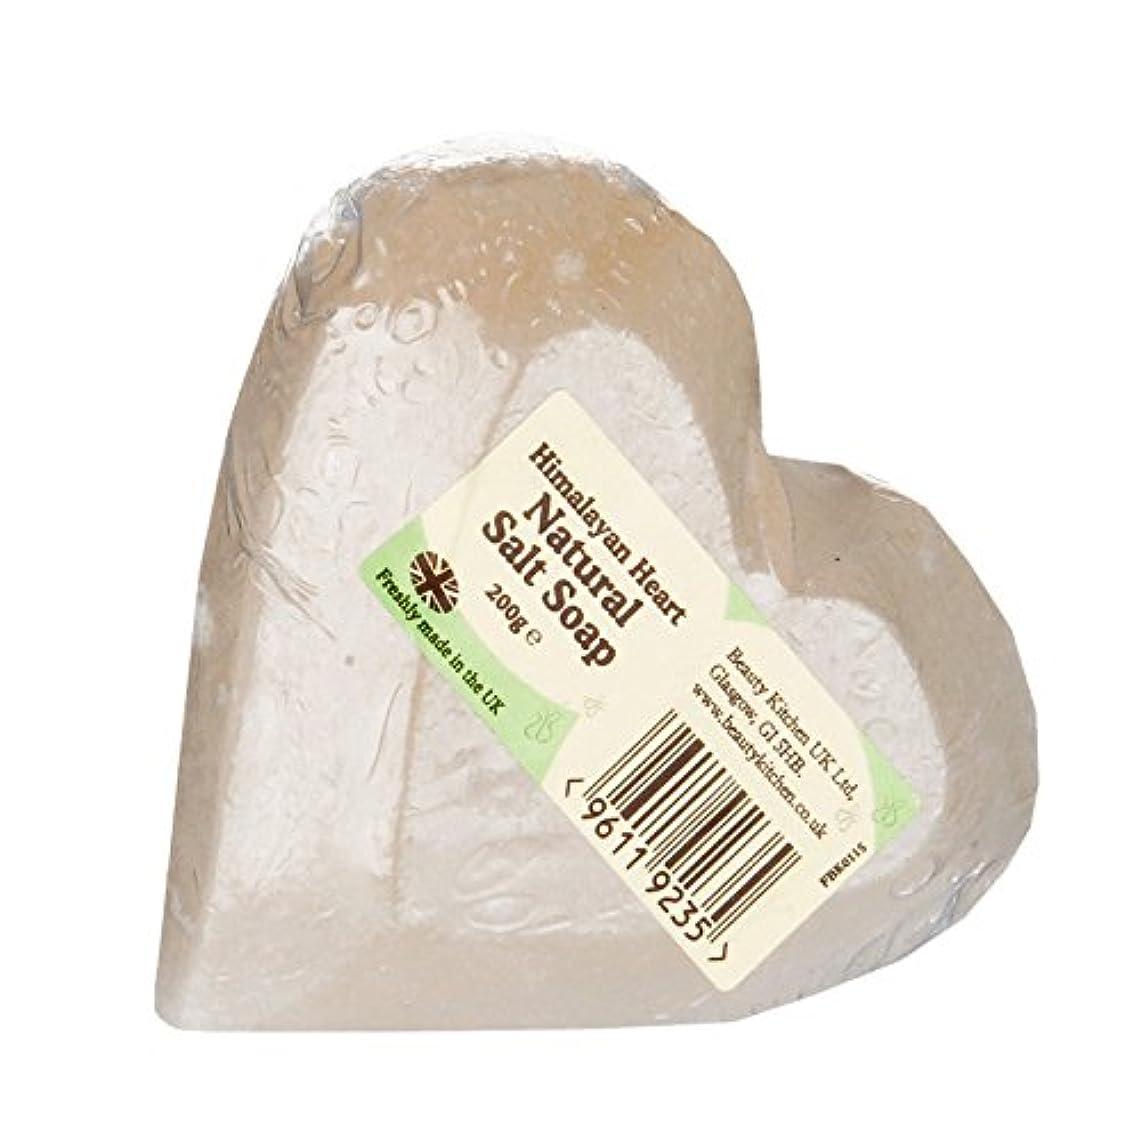 伝導率つかいますレンダー美容キッチンヒマラヤンハートソープ200グラム - Beauty Kitchen Himalayan Heart Soap 200g (Beauty Kitchen) [並行輸入品]